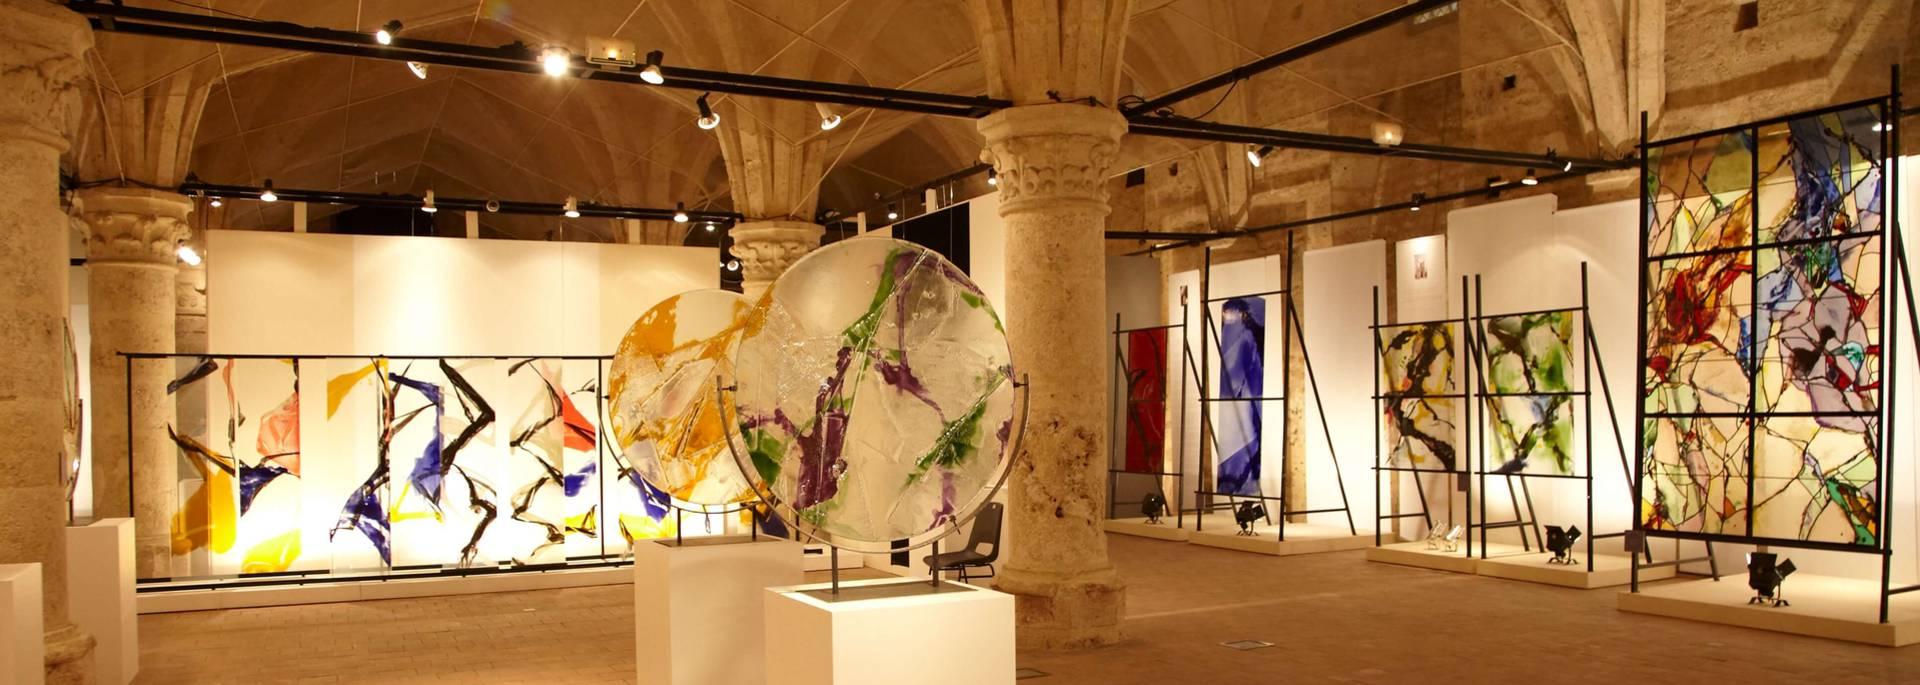 Exposition au sous-sol du Centre International du Vitrail à Chartres